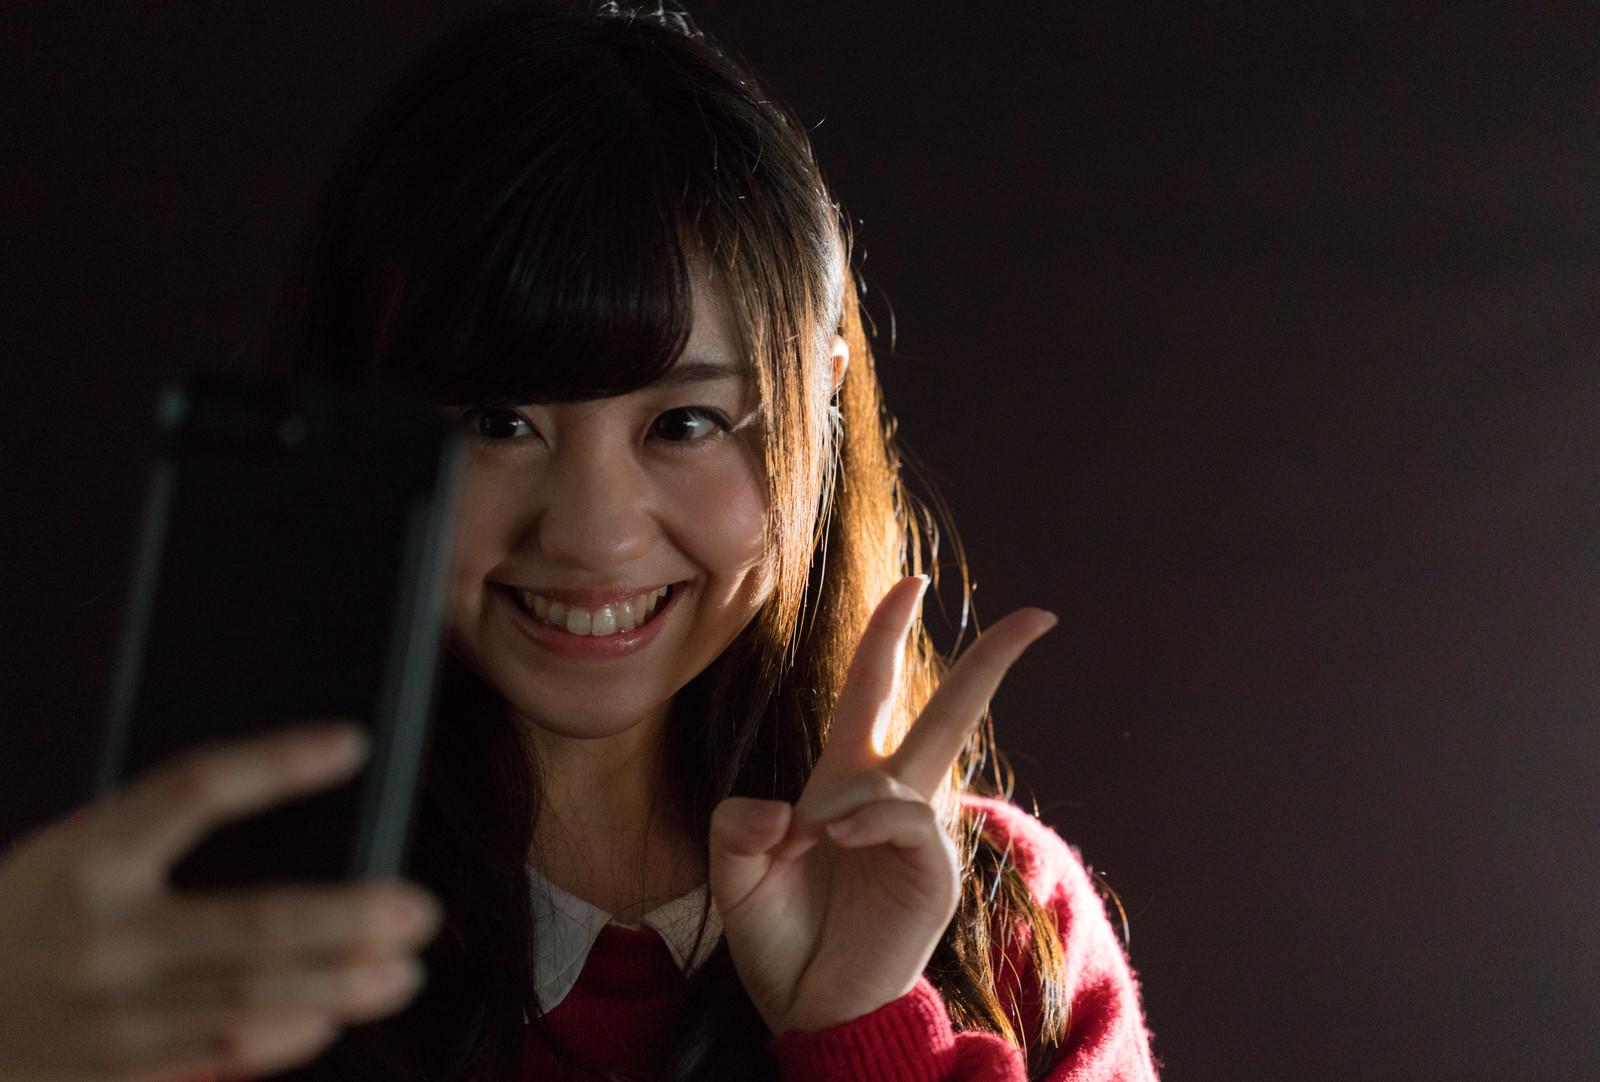 水川あさみは本名非公開?その他、髪型・インスタ画像や性格を